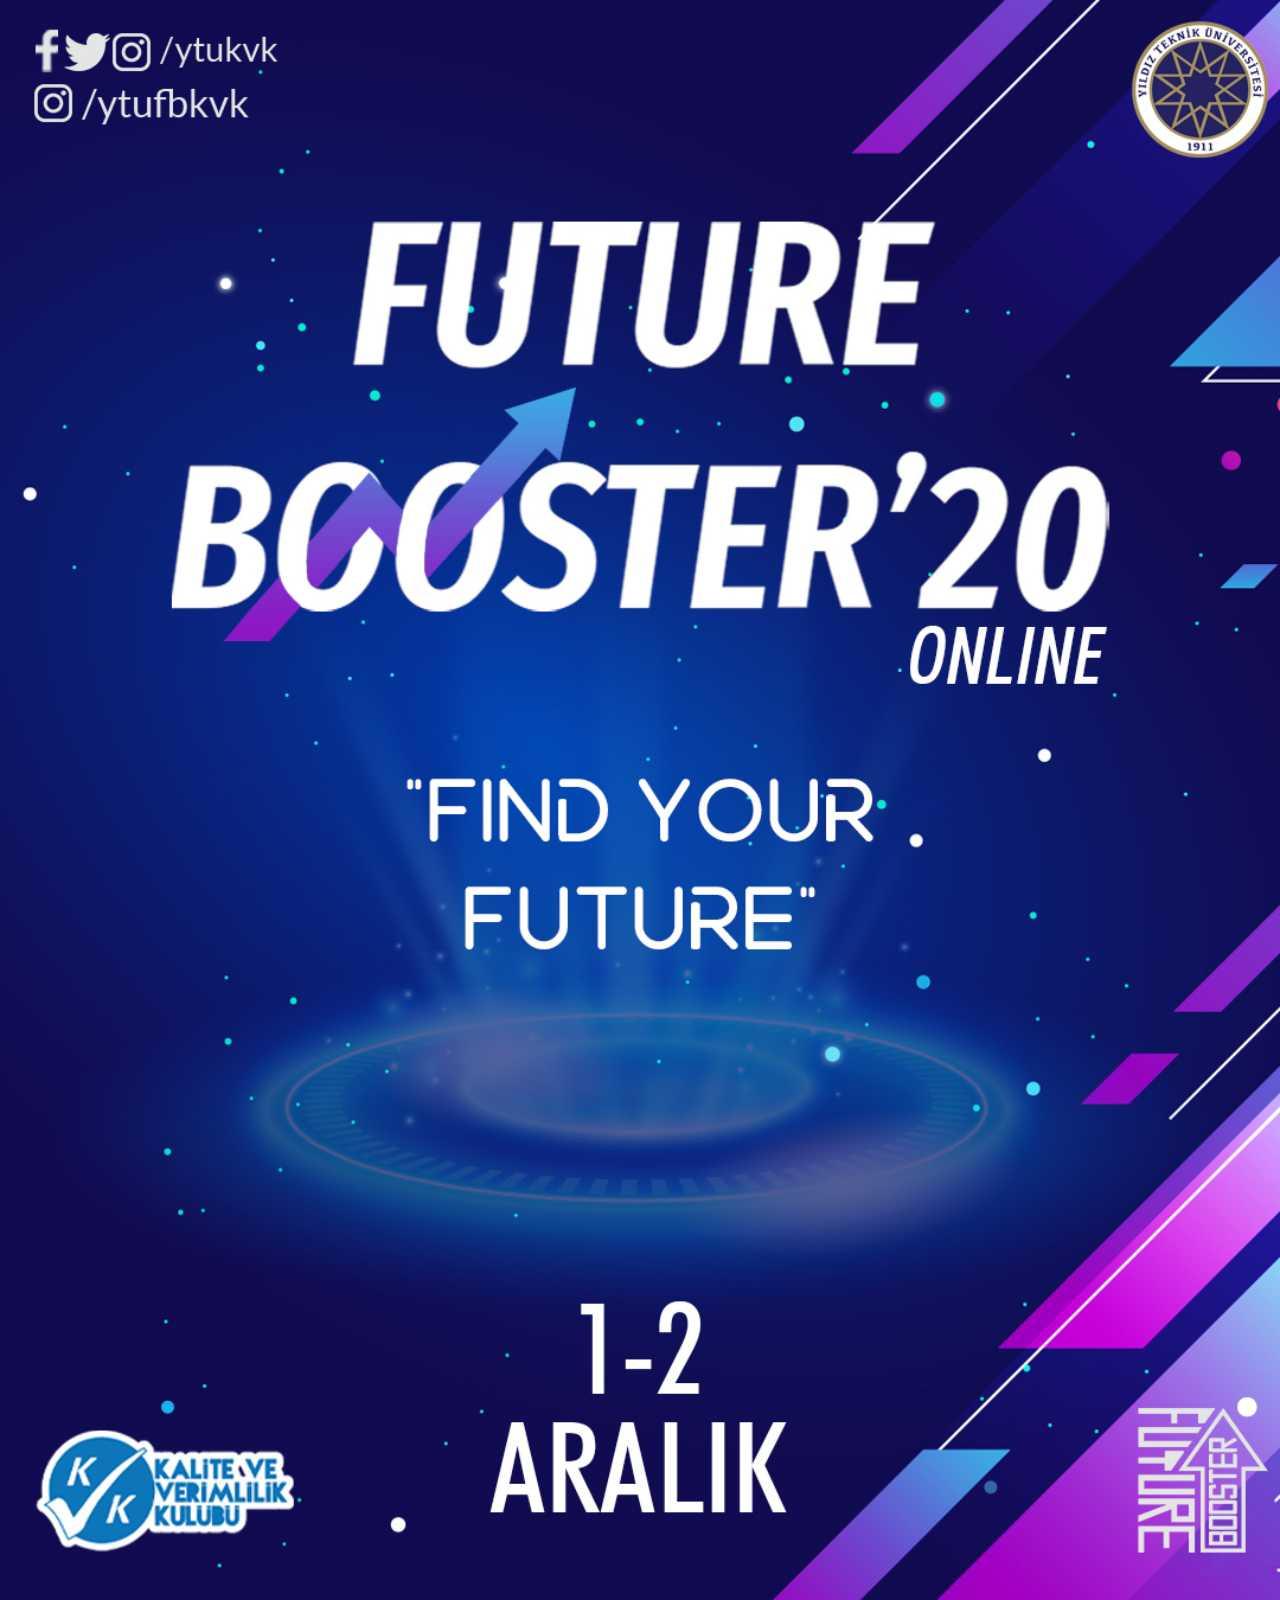 Future Booster'20, 1-2 Aralık'ta Gerçekleştirilecek